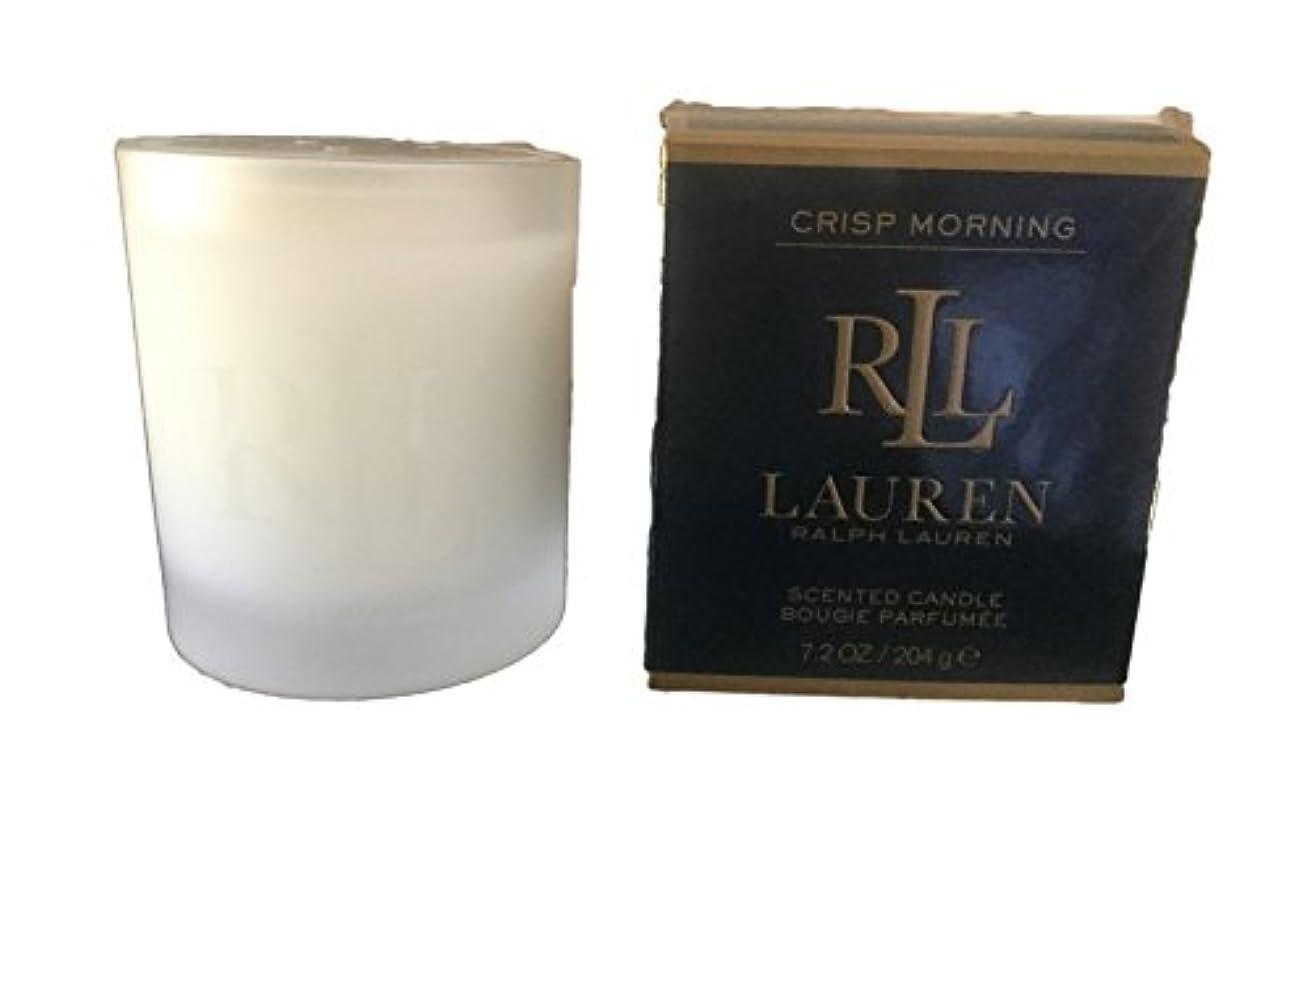 道徳の注目すべき忌み嫌うRalph Lauren Crisp Morning Scented Candle 7.2 Oz